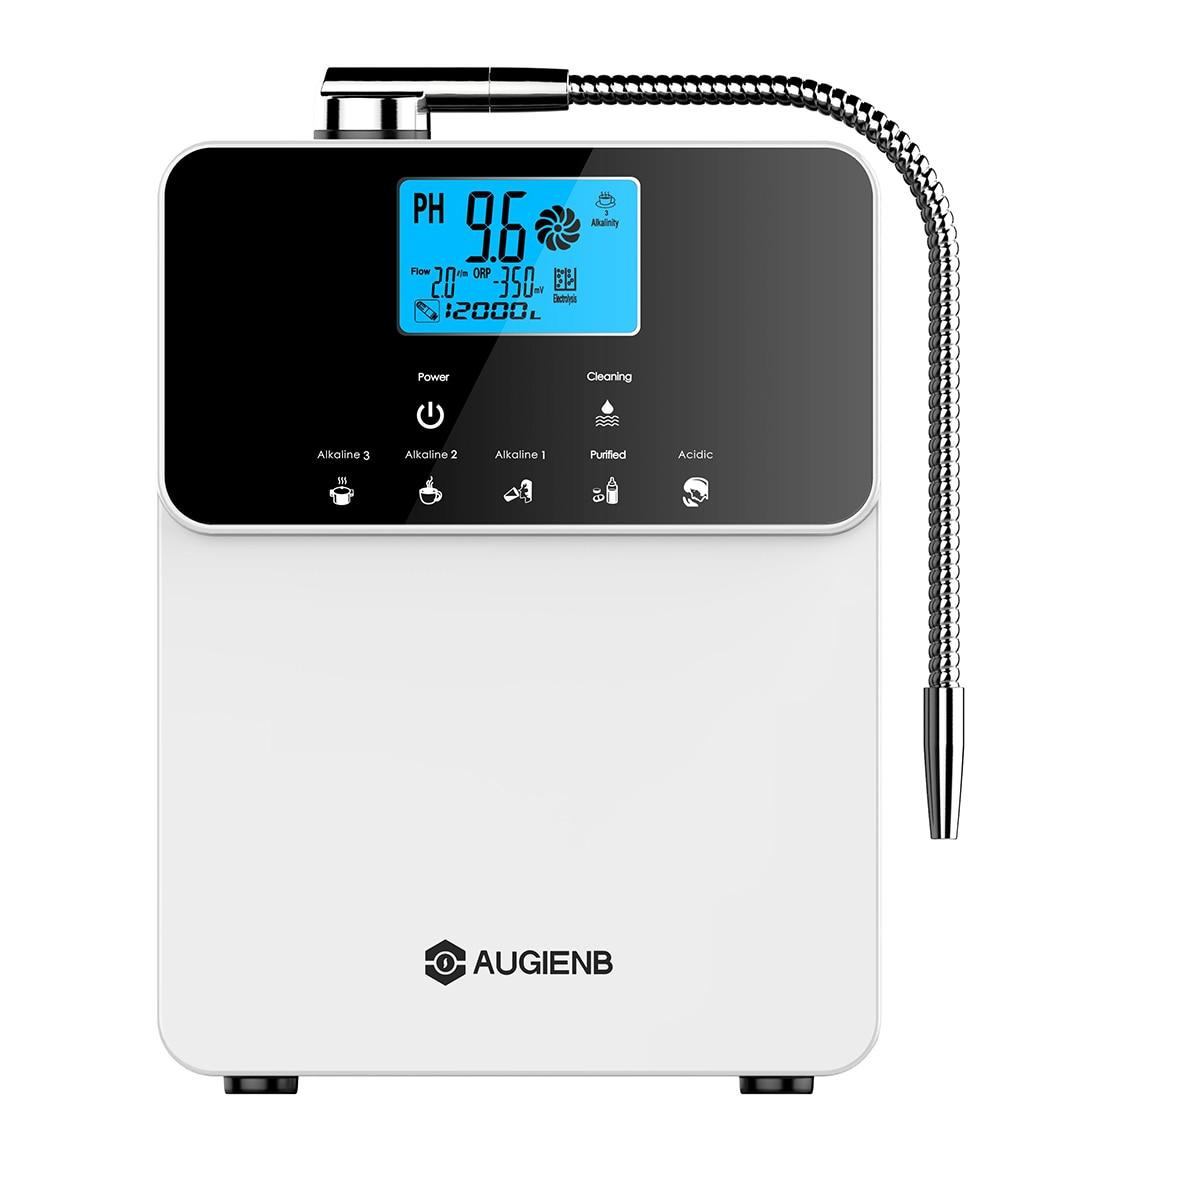 Augienb 12000L ионизатор воды очиститель машина PH3.5 11 отрегулировать со щелочной кислотой 5 режимов настройки авто Чистка ЖК сенсорный фильтр для